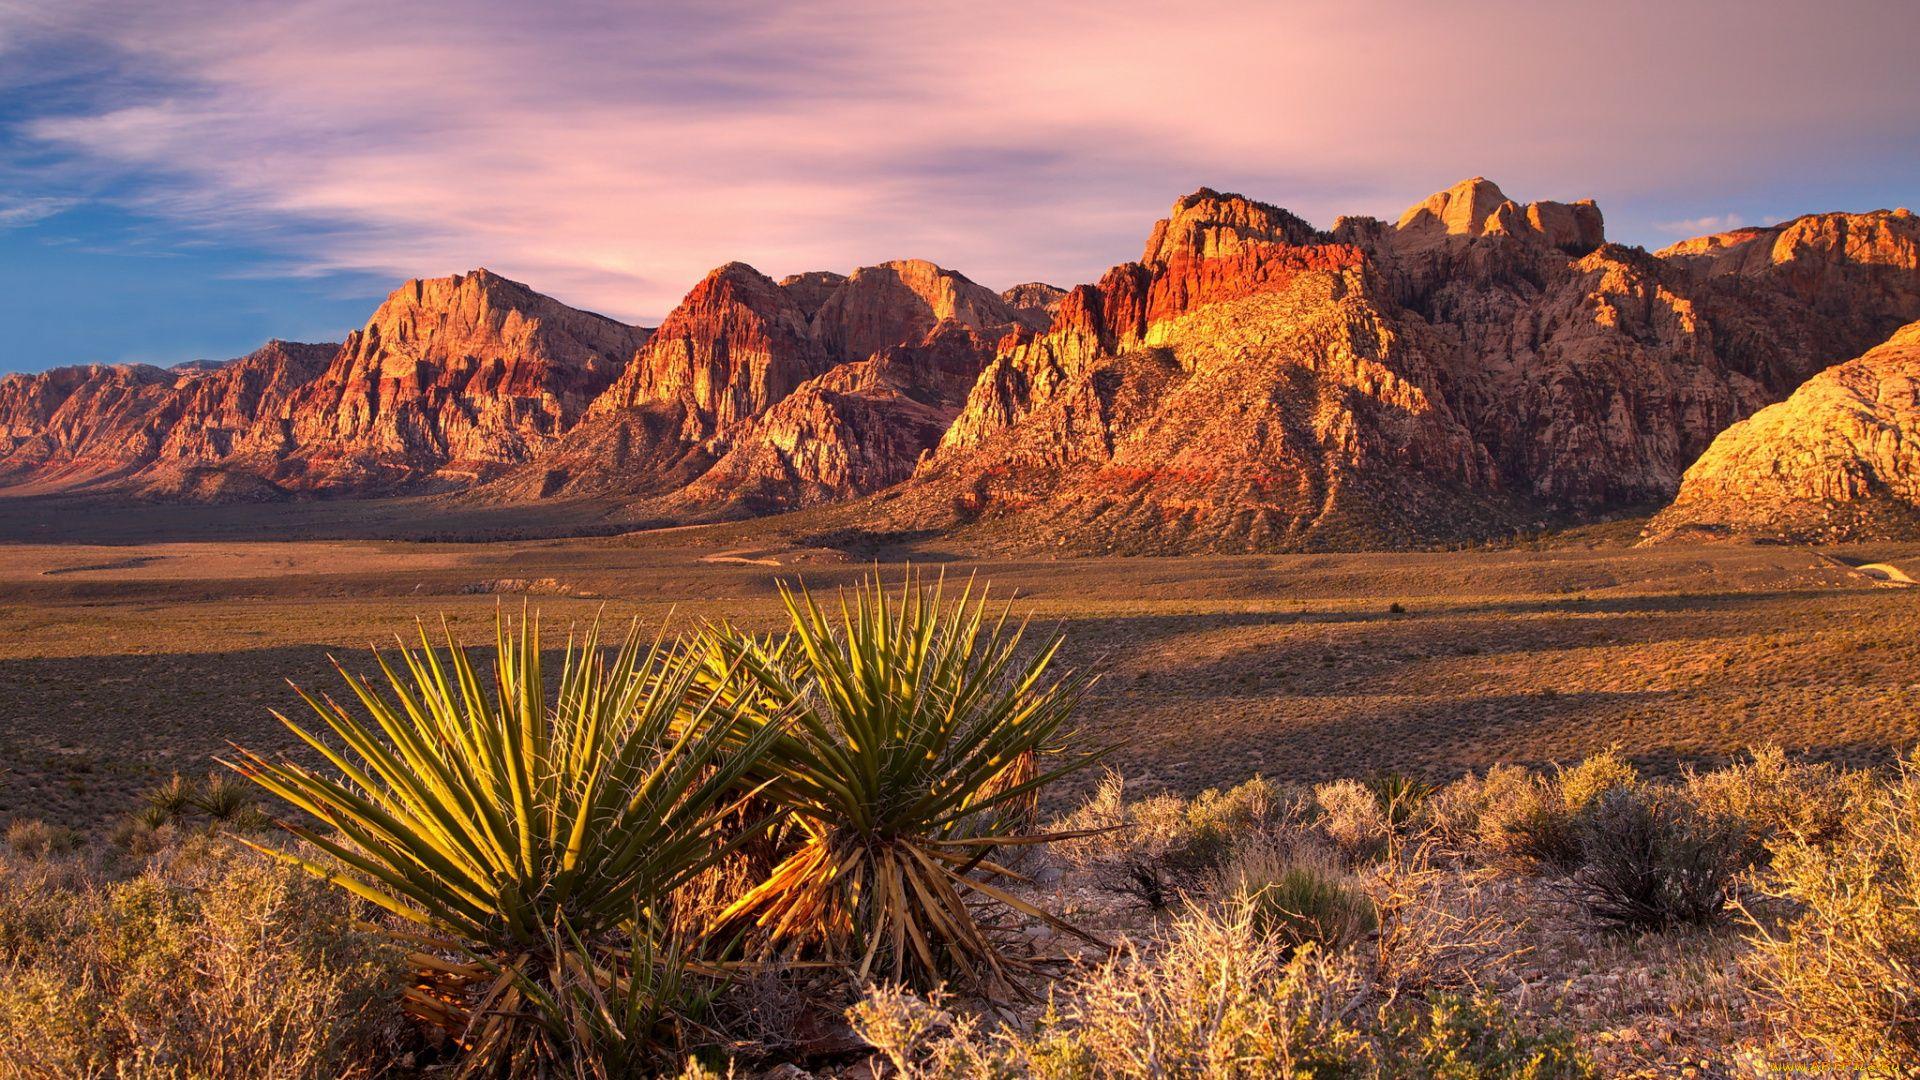 Desert Foothills Landscape wallpaper pc